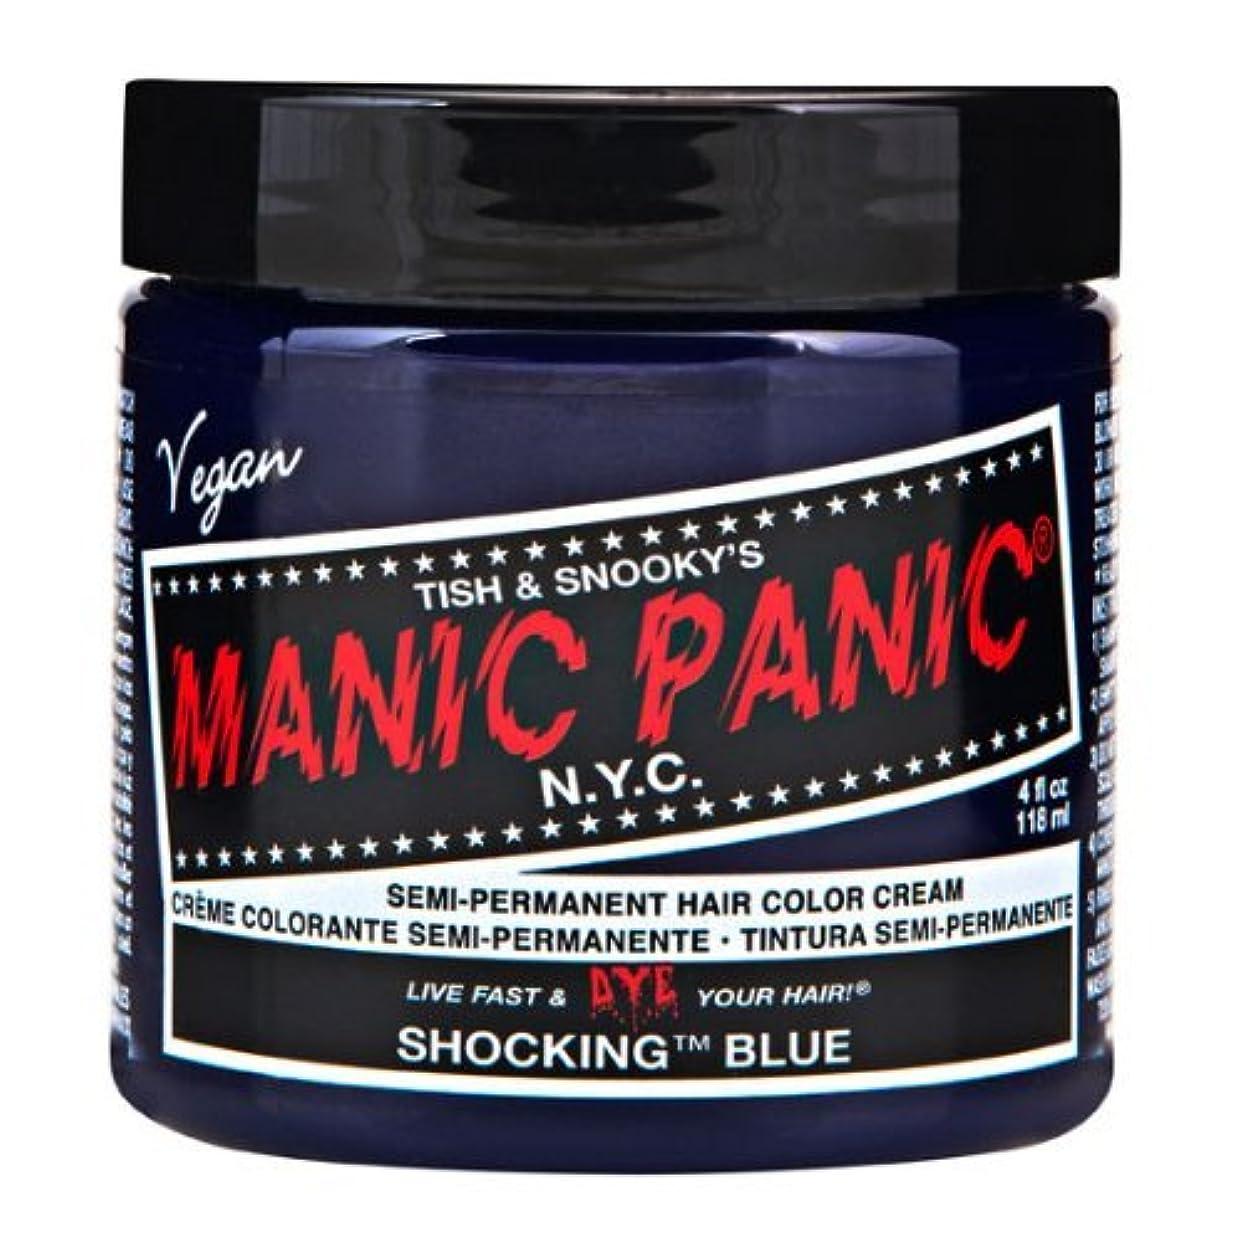 マニックパニック MANIC PANIC ヘアカラー 118mlショッキングブルー ヘアーカラー